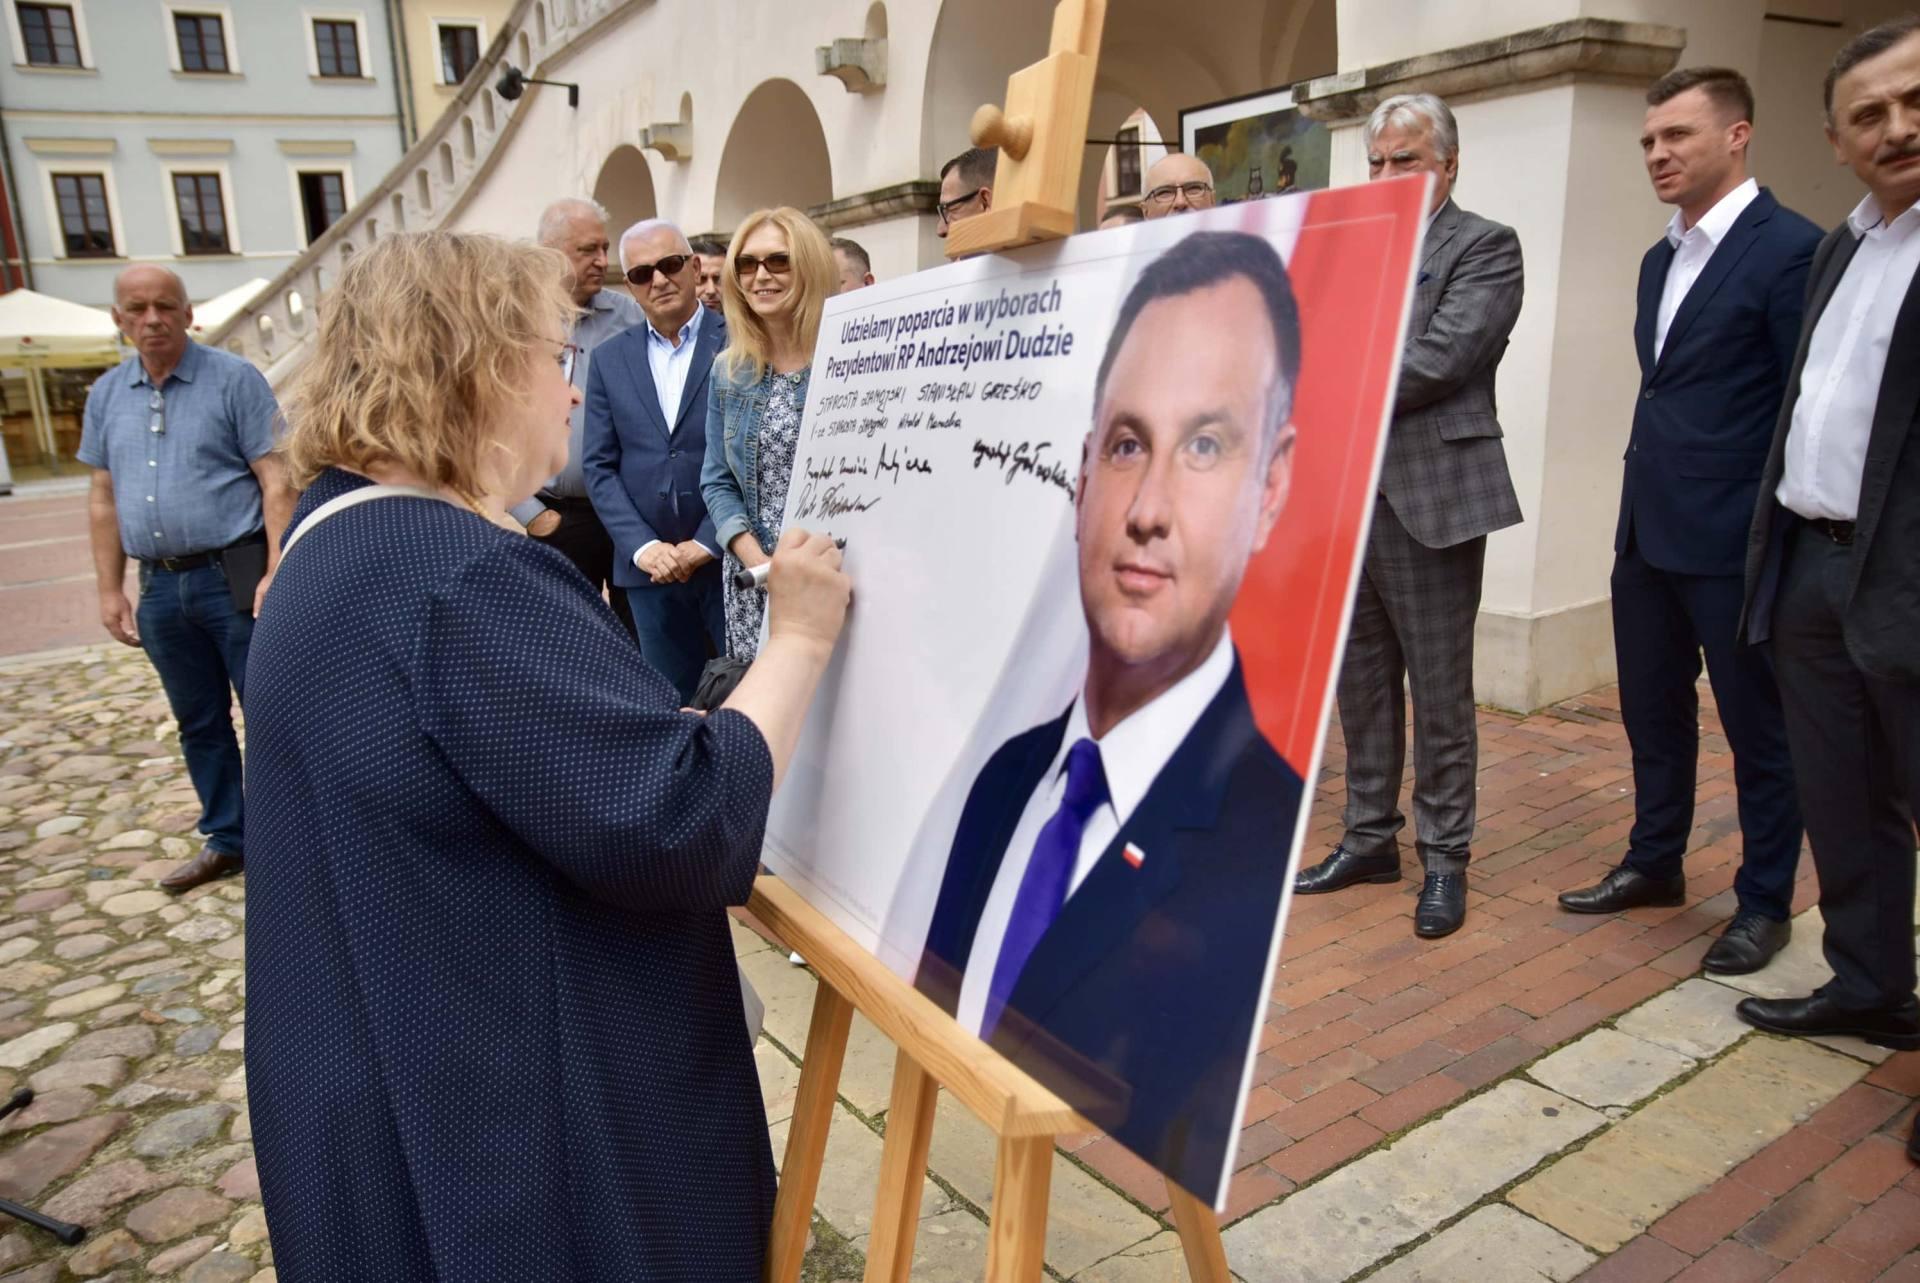 dsc 7781 Zamość: Udzielili poparcia prezydentowi Andrzejowi Dudzie